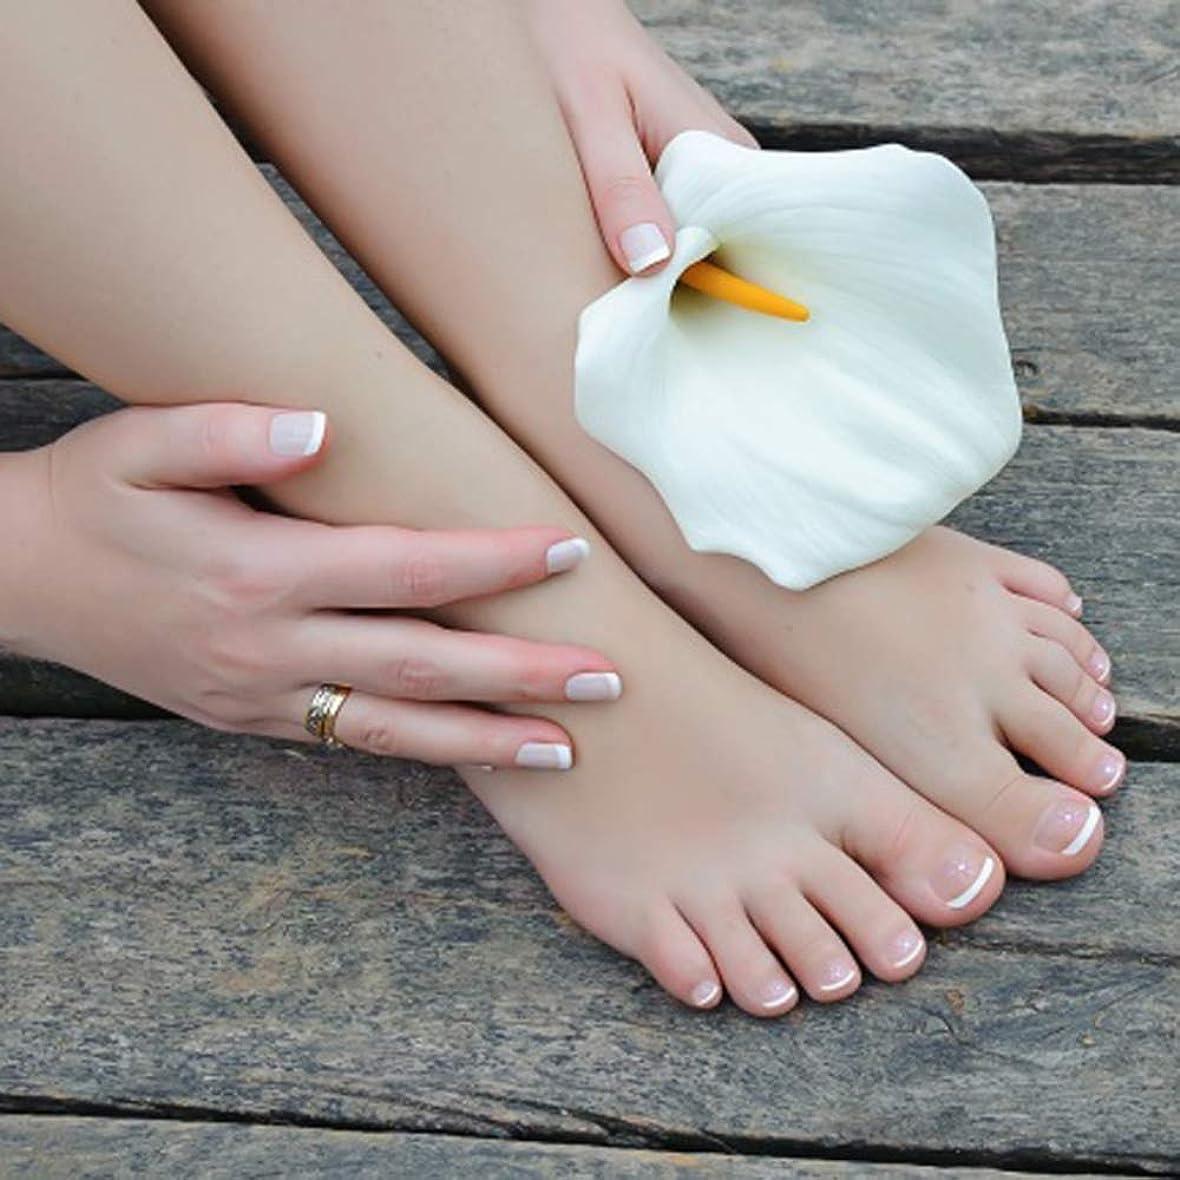 ハック染色箱XUTXZKA つま先の指のための楕円形の24個の偽の爪のつま先ネイルのヒントホワイトカラーの偽のネイルキット